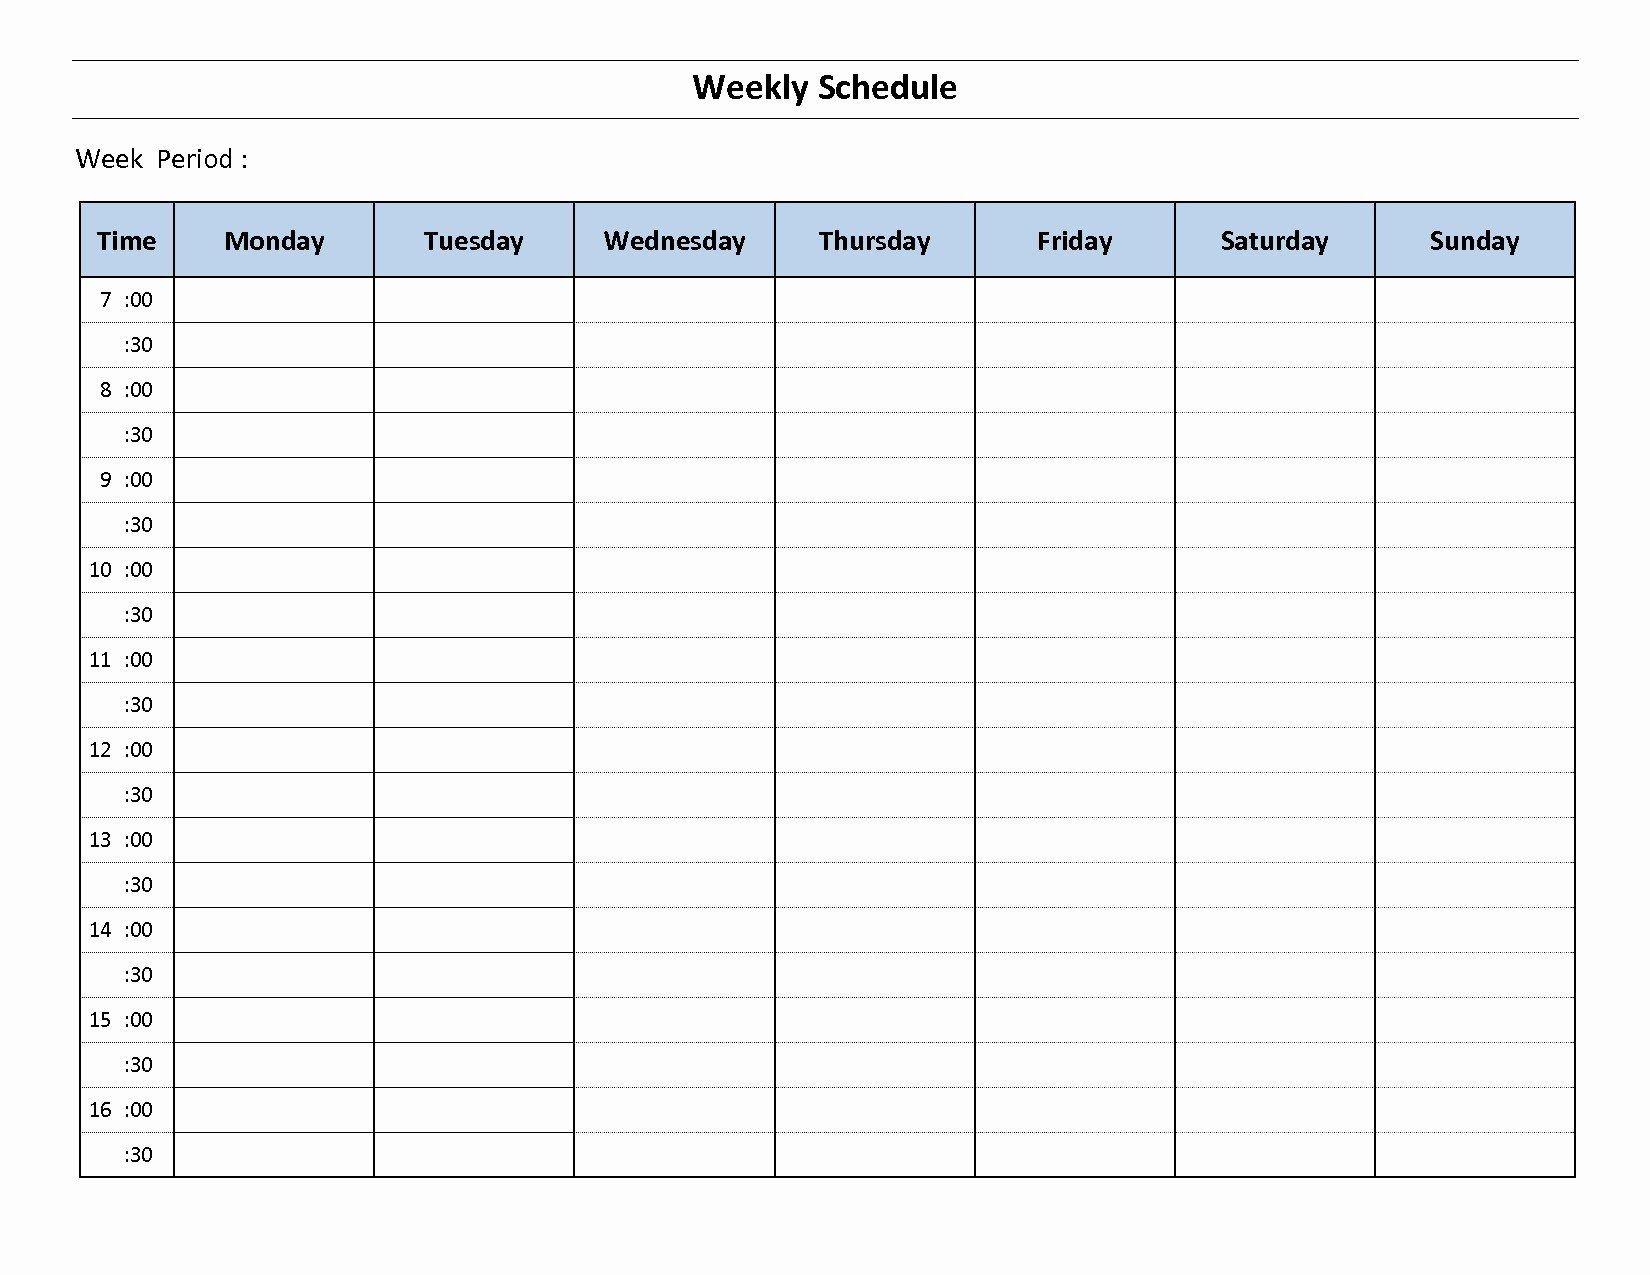 Microsoft Word Weekly Calendar Template In 2020 | Weekly 2 Week Calendar Template